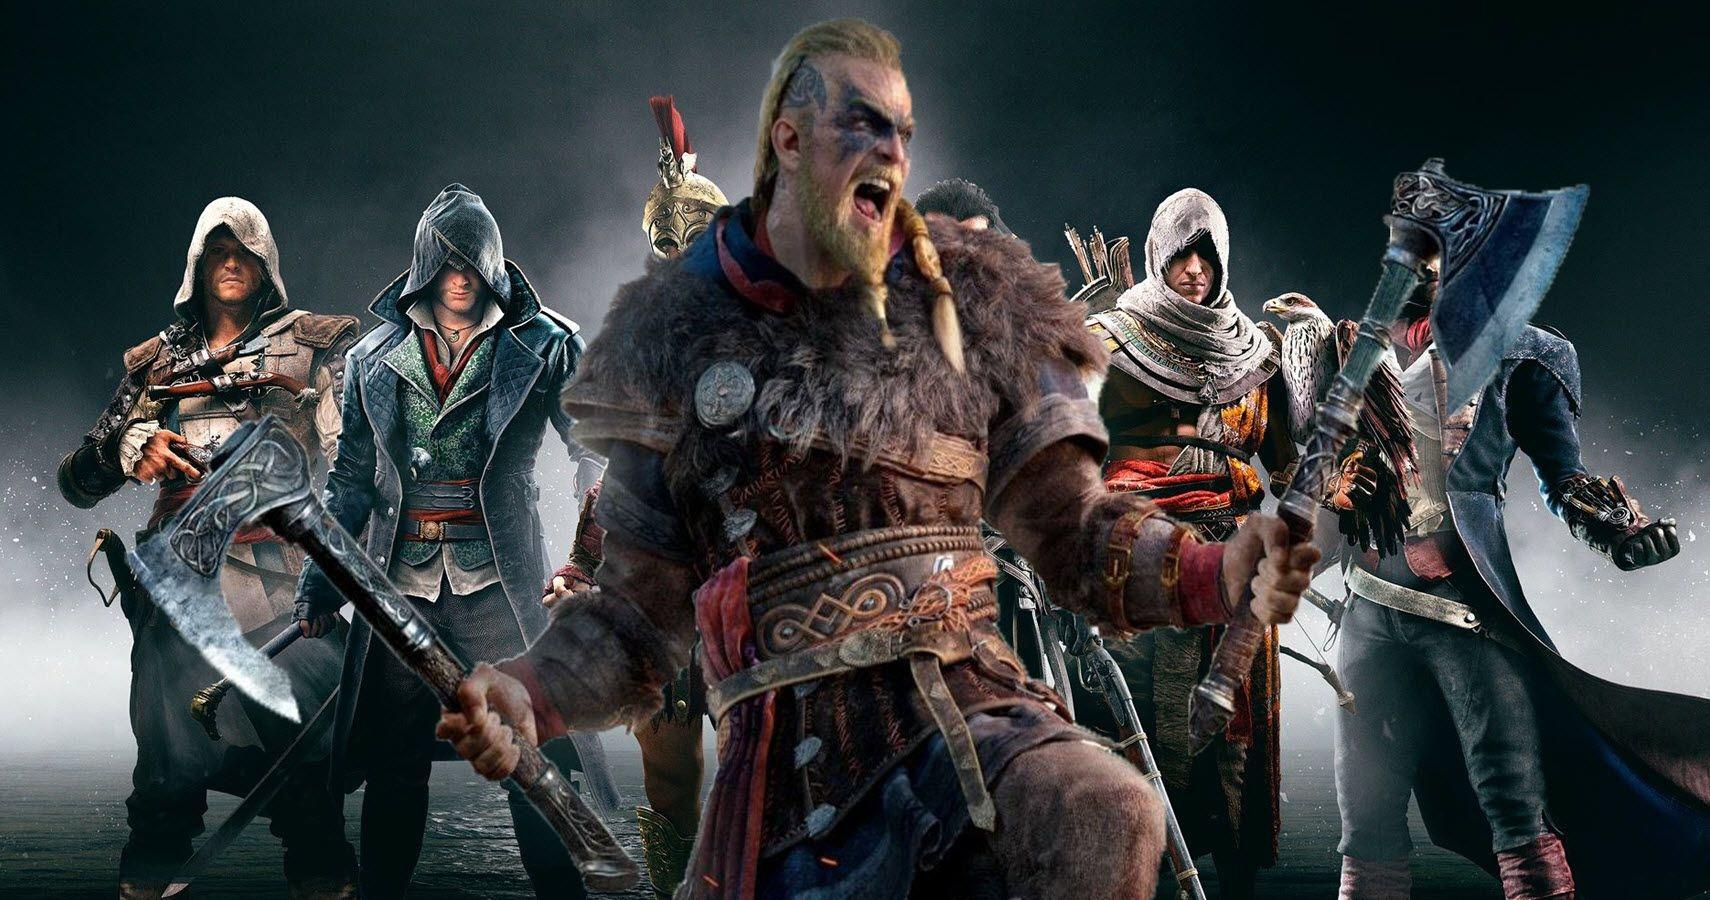 Джейсон Шрейер рассказал, что Ubisoft работает над игрой-сервисом Assassin's Creed Infinity